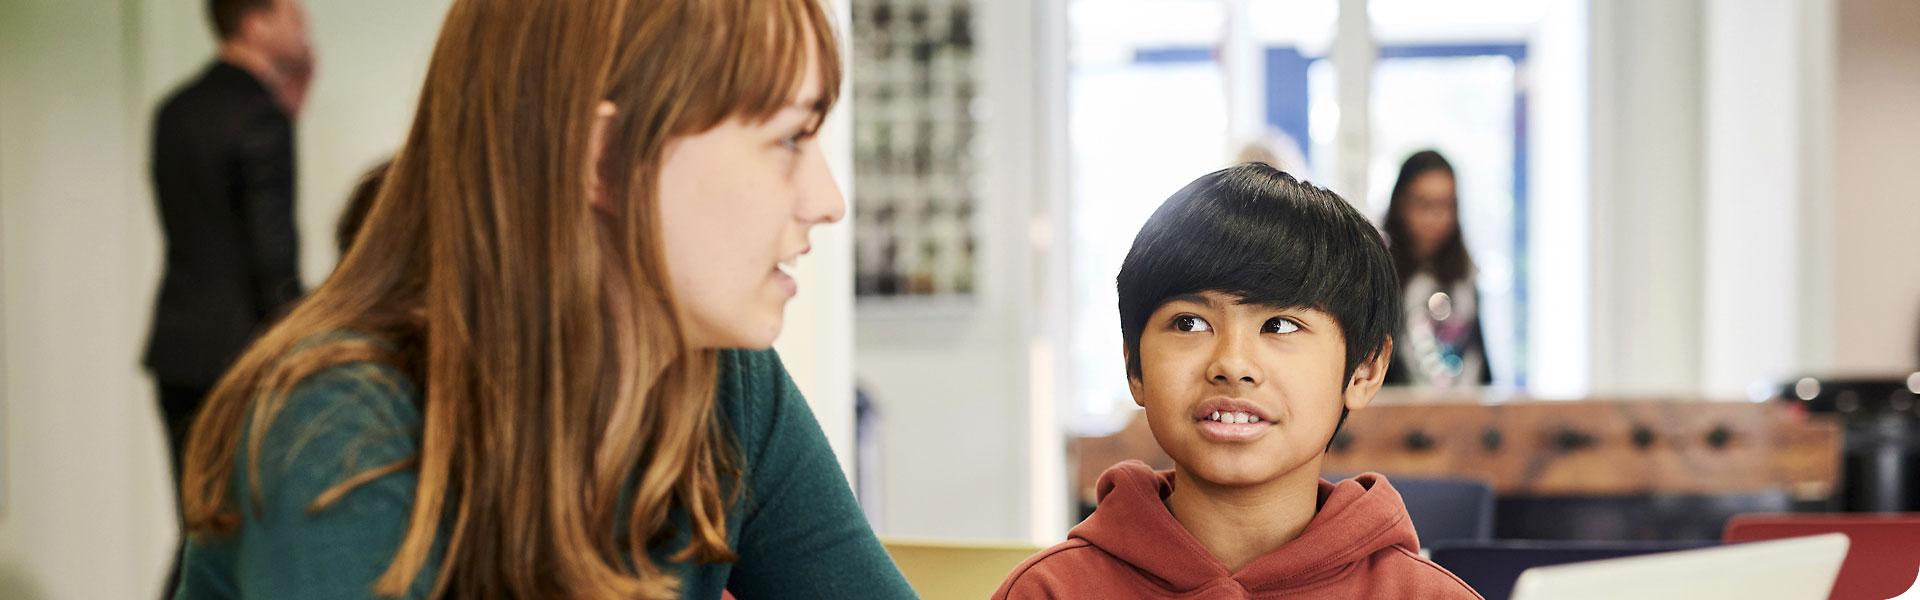 international-school-groningen-parents-2